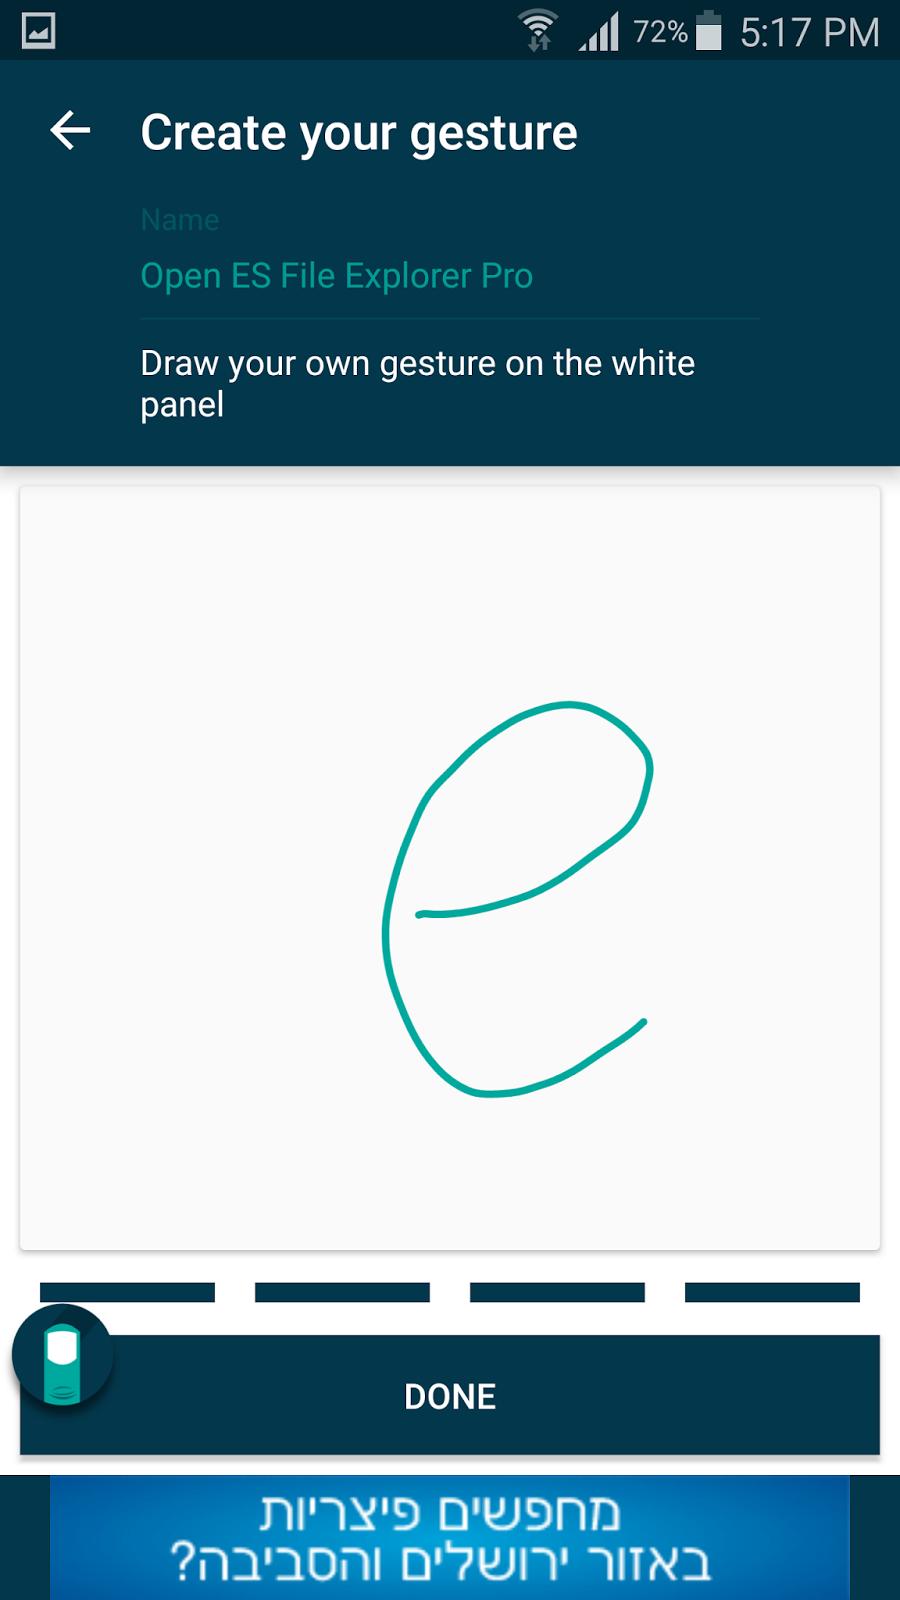 تطبيق Finger Gesture للوصول السريع للتطبيقات عبر الرسم على الشاشة | بحرية درويد